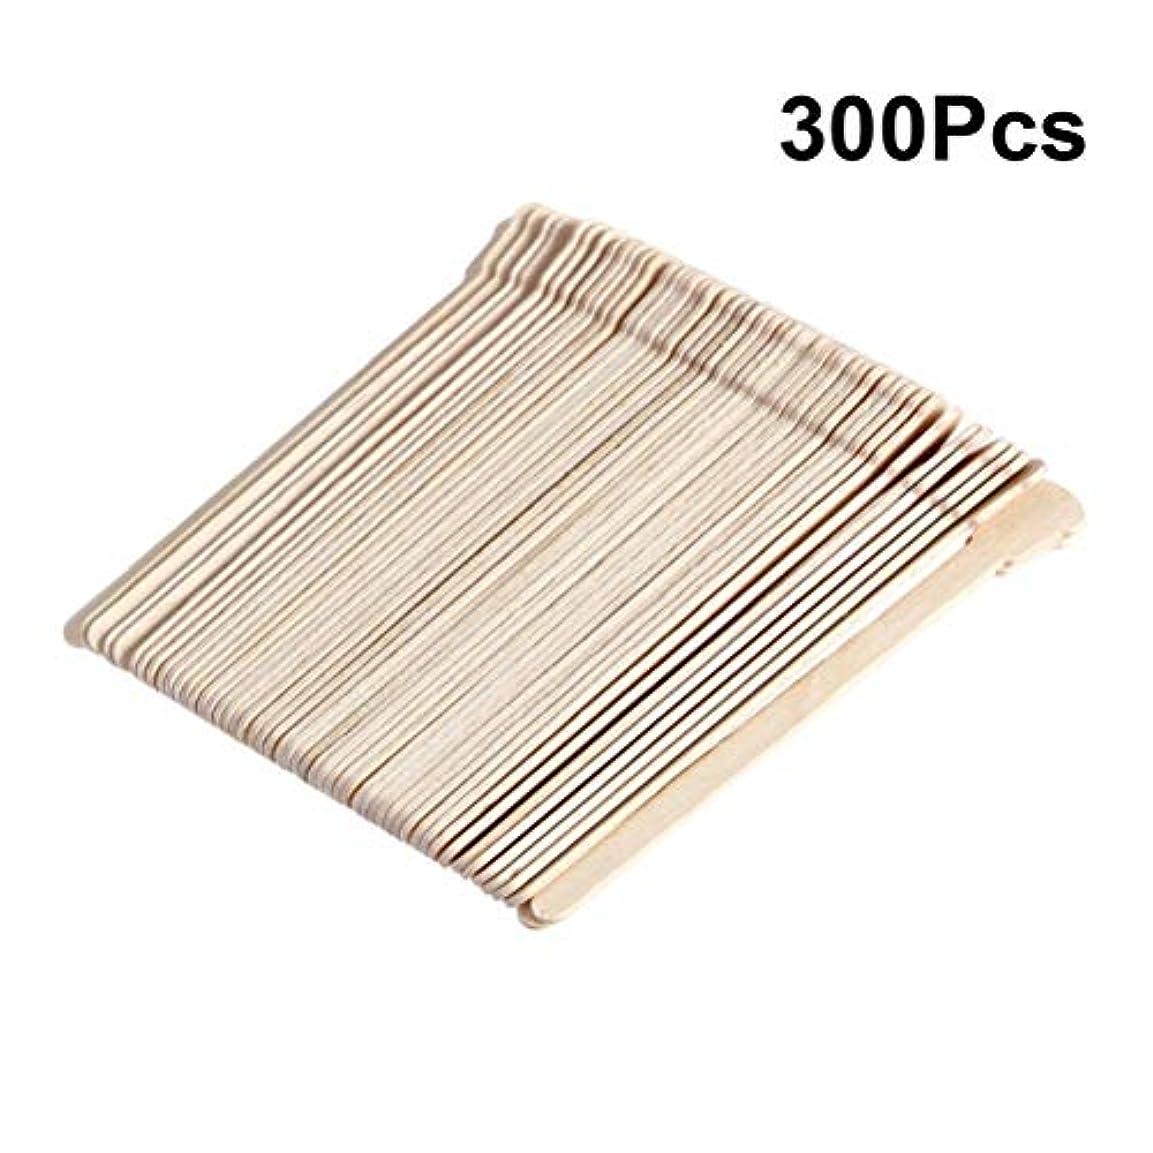 編集者任命くるみSUPVOX 300ピース木製ワックススティックフェイス眉毛ワックスへら脱毛(オリジナル木製色)